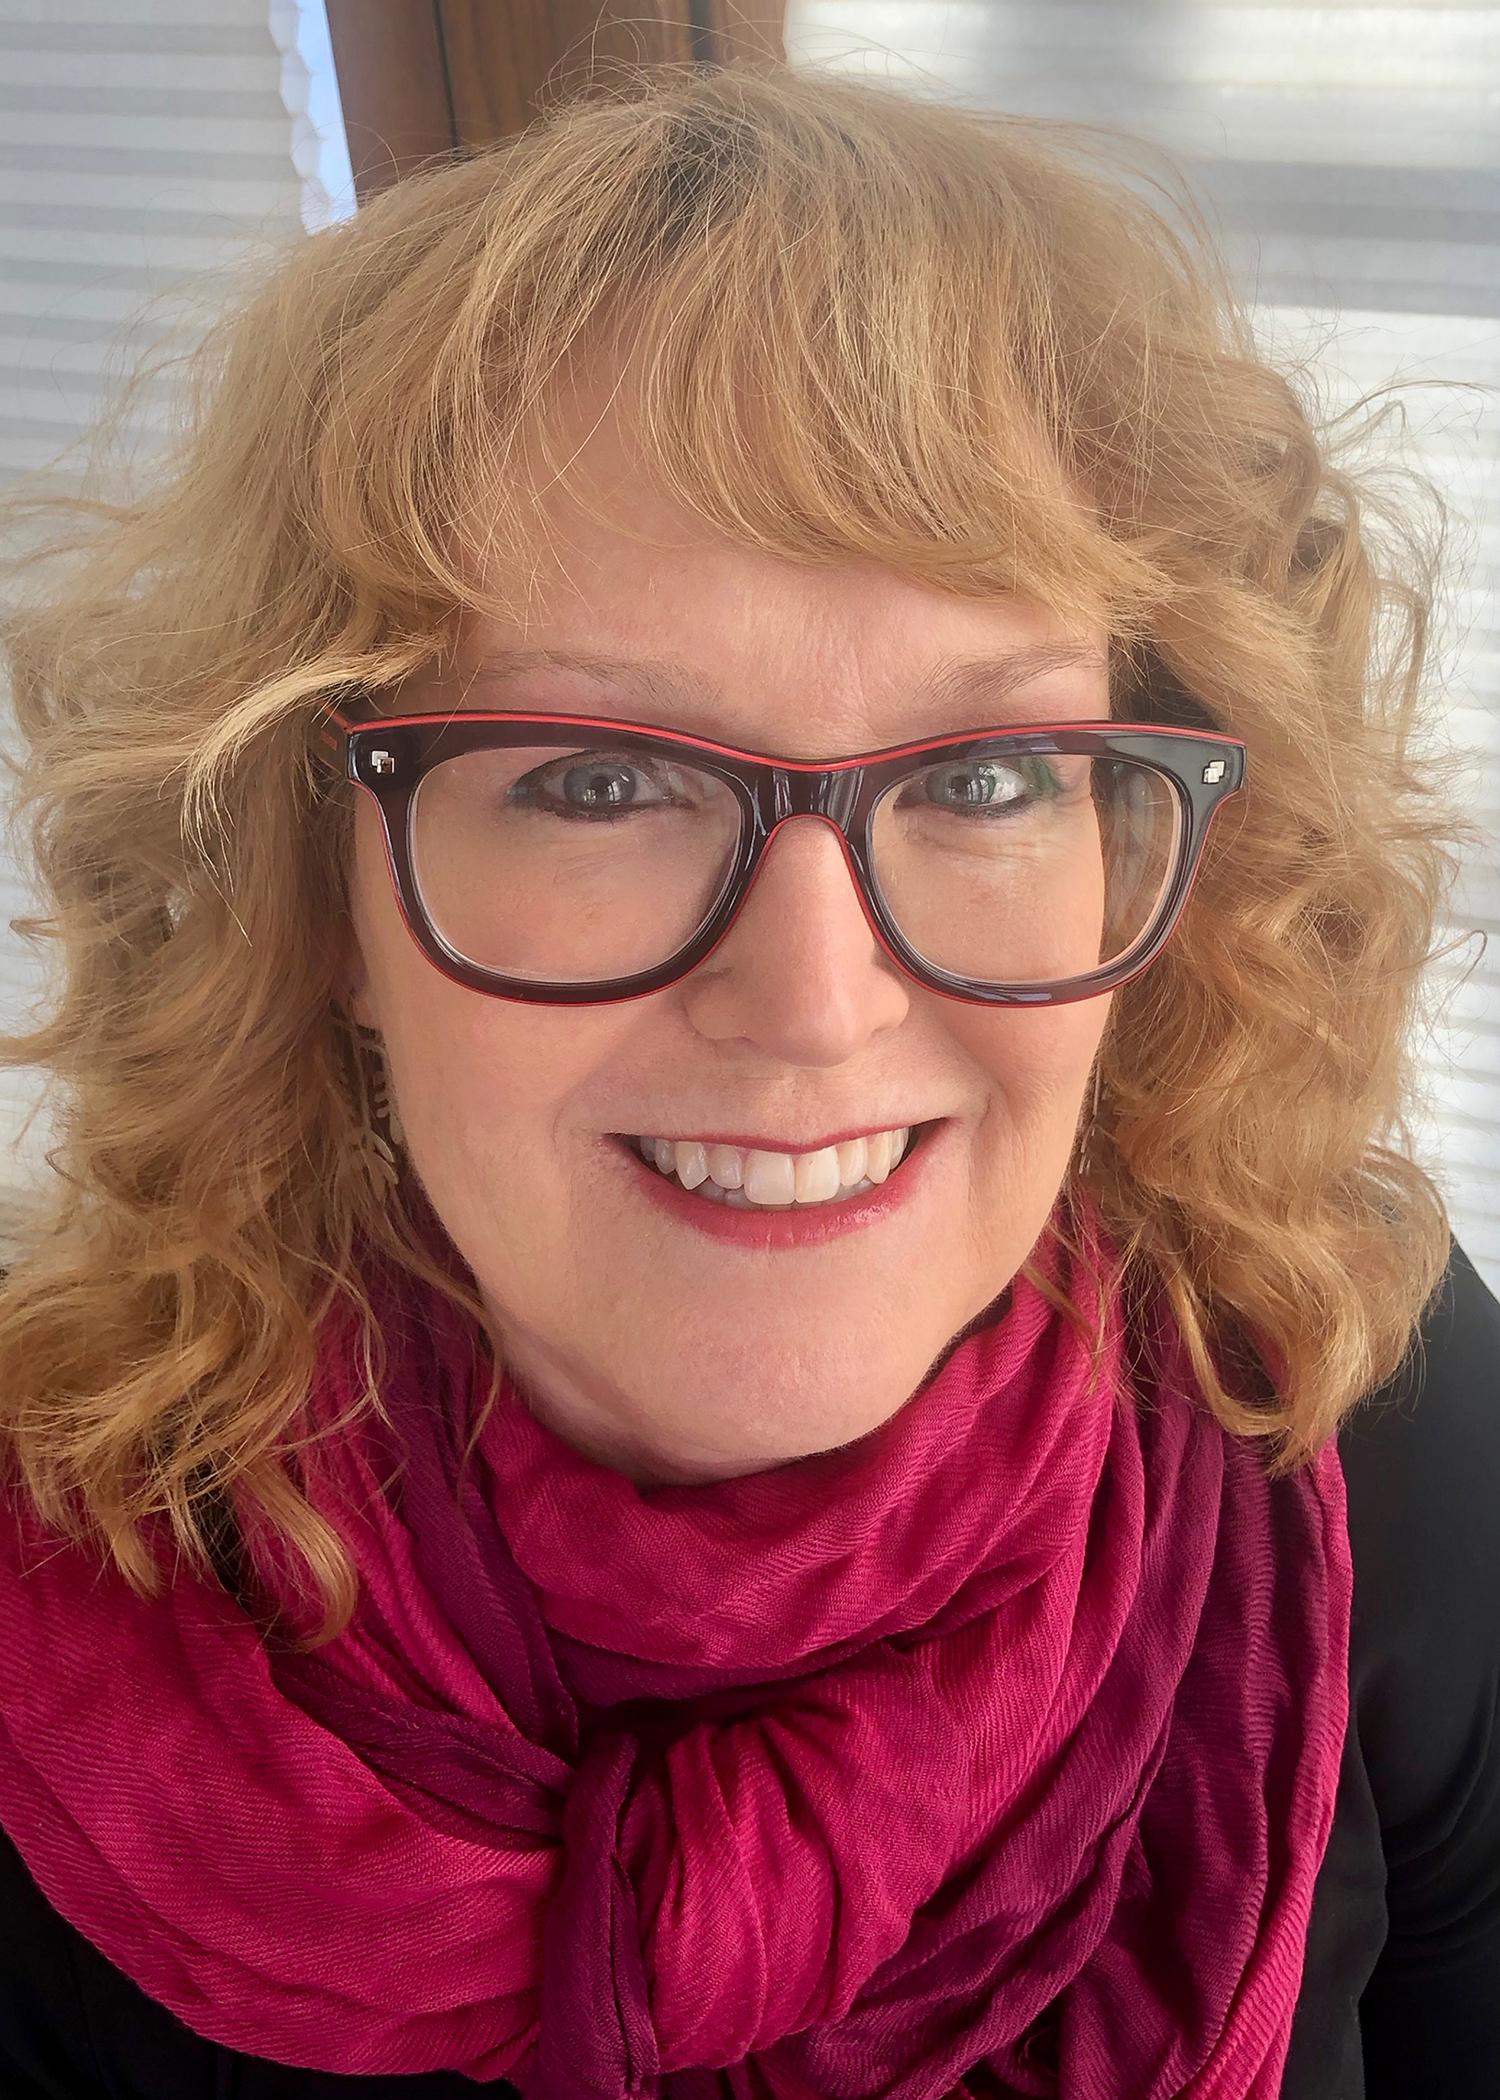 SnapHappy_JulieTerwelp - Julie Terwelp.jpg